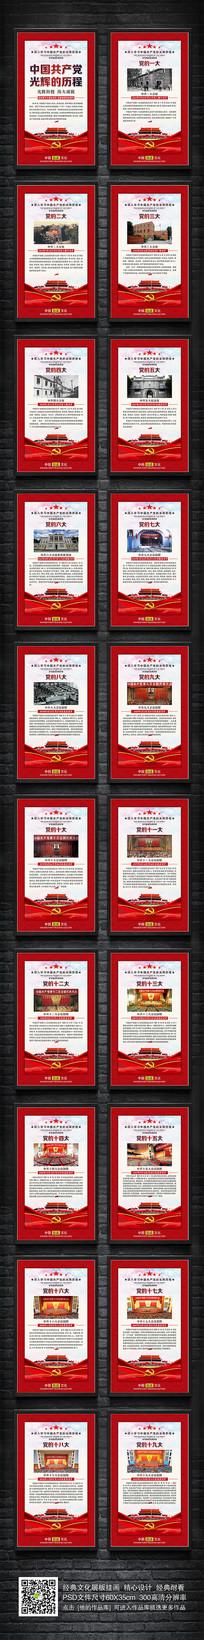 整套中国共产党的光辉历程展板